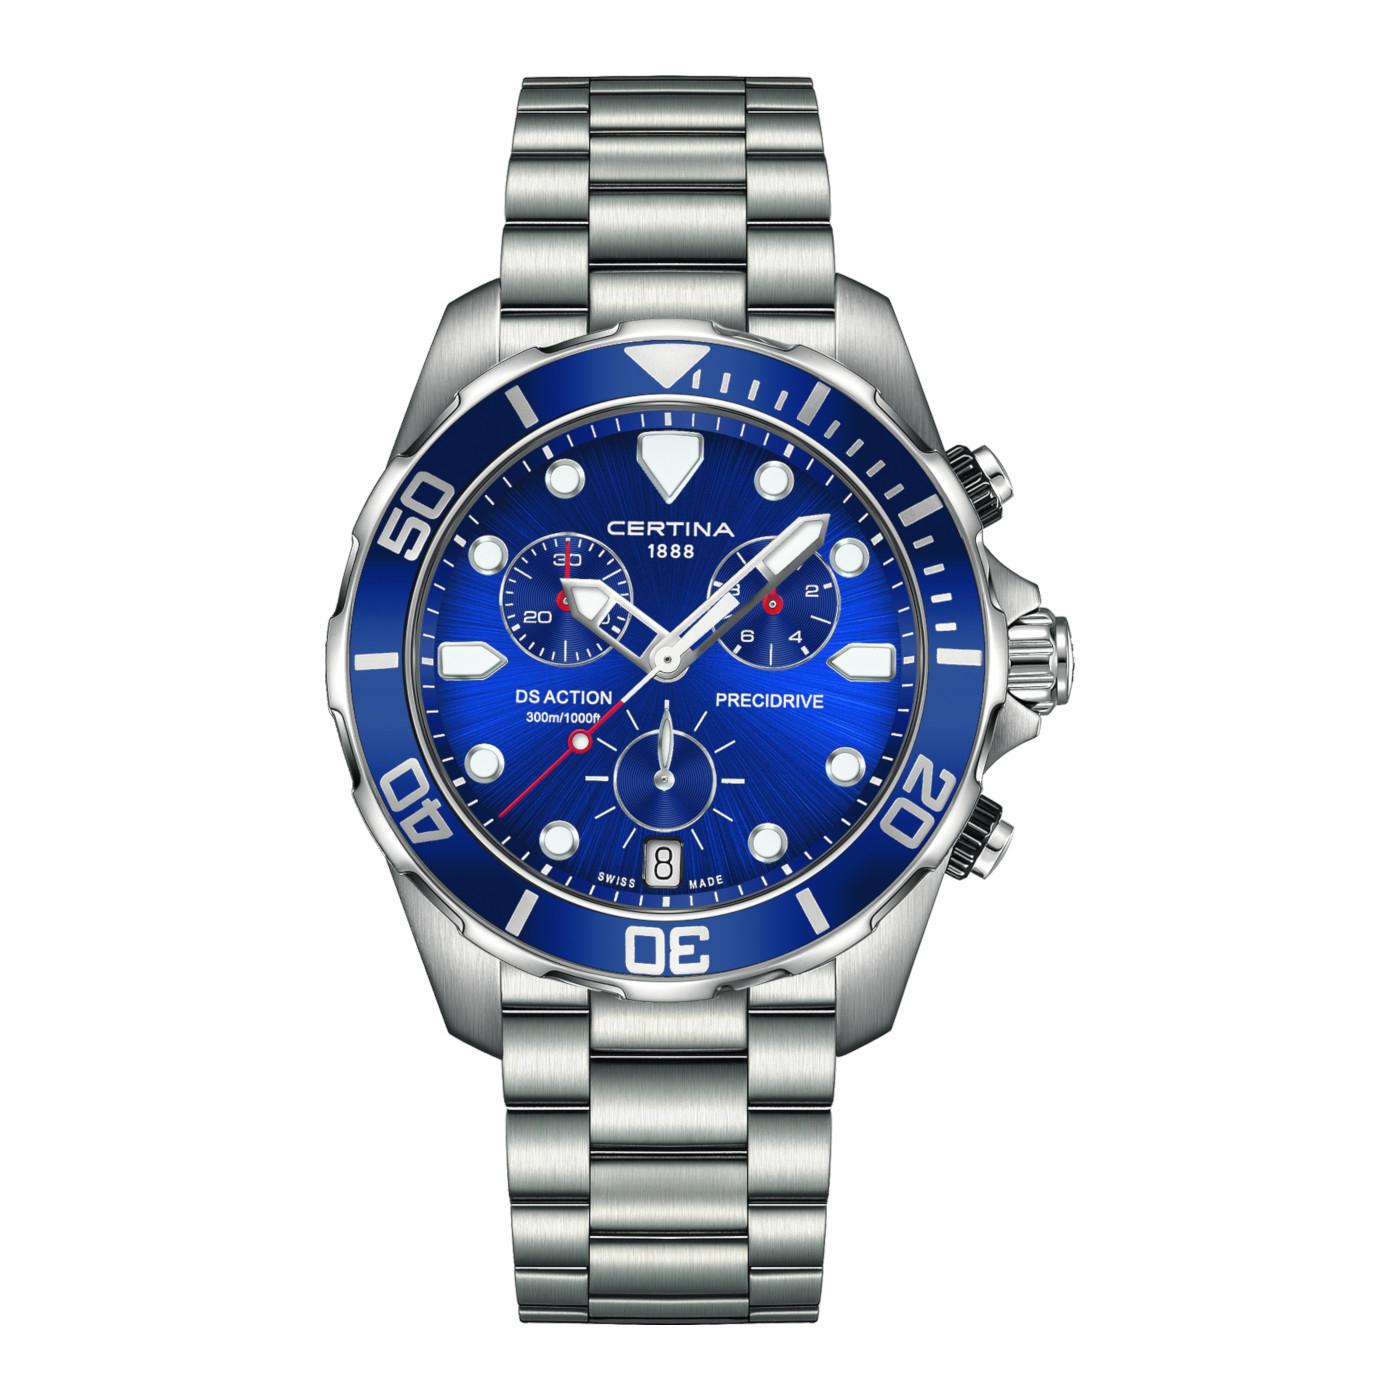 Afbeelding van Certina Sport DS Action Chrono horloge C032.417.11.041.00